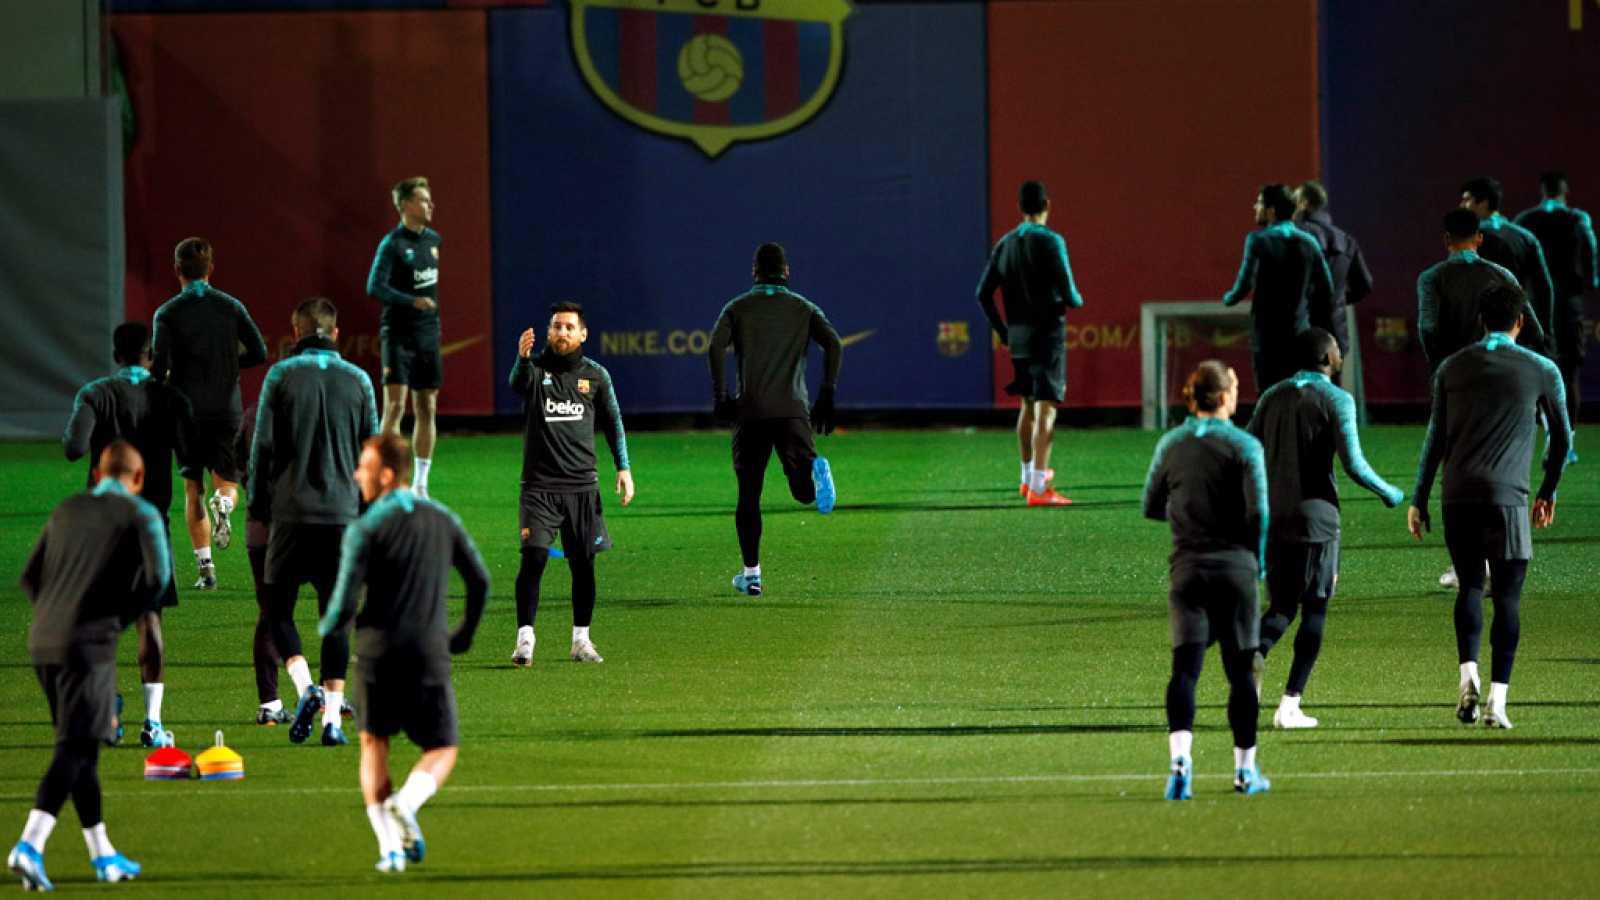 El FC Barcelona quiere ganar este miércoles al  Borussia Dortmund en el Camp Nou. Una victoria que tendría un doble premio ya que permitiría a los azulgrana sellar el pase a octavos de final de la Champions y además hacerlo como primero de su grupo,